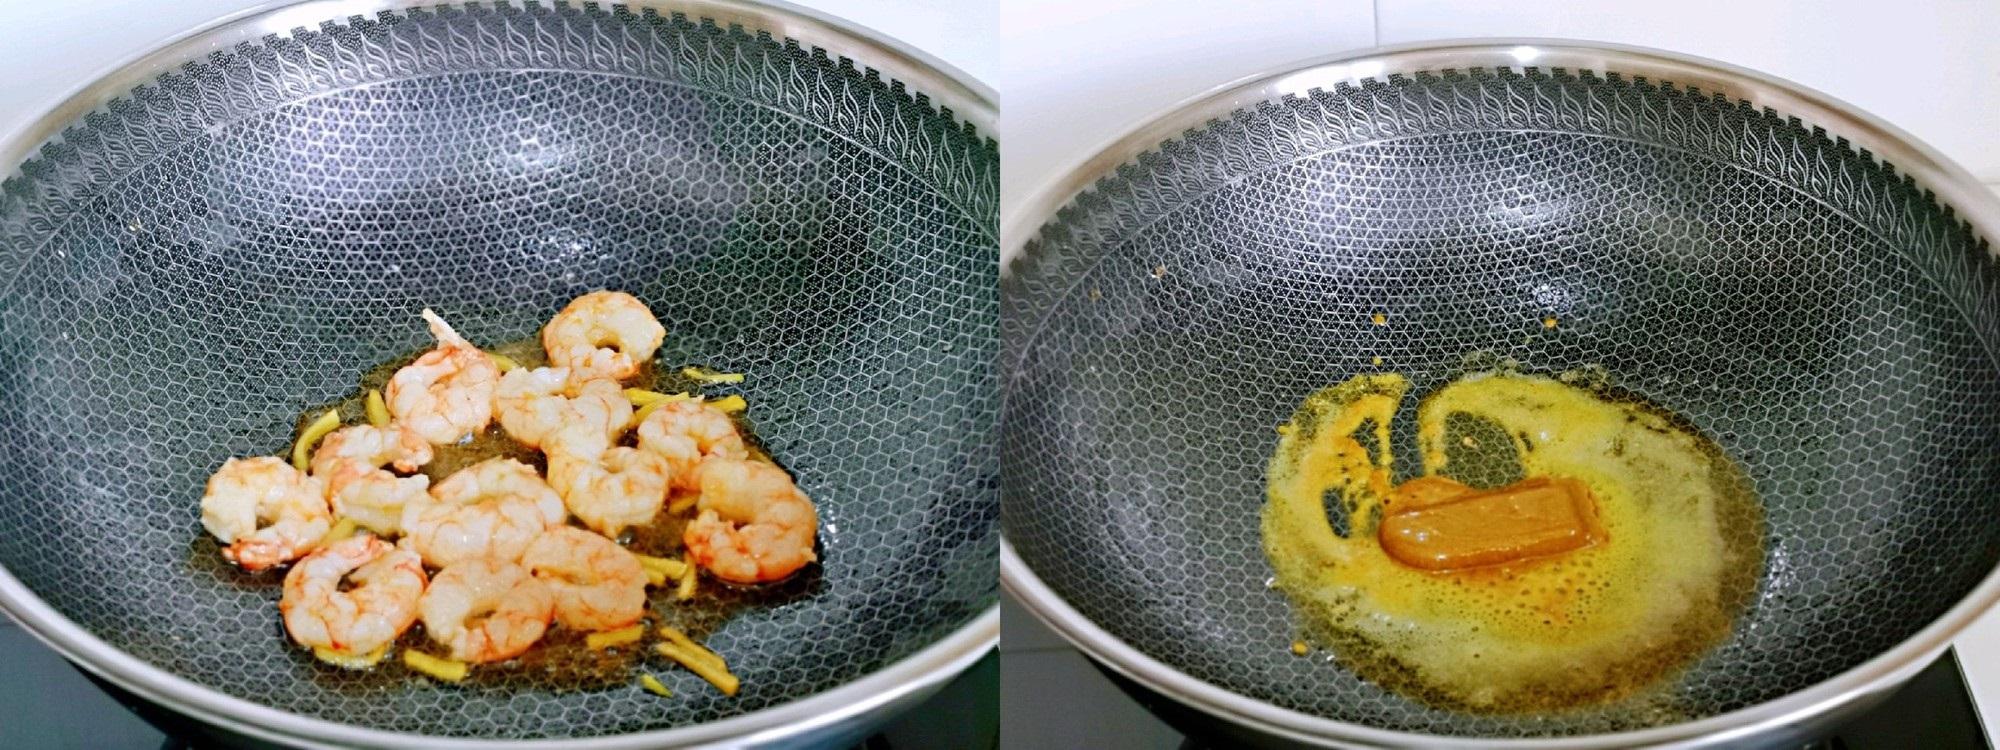 Gợi ý hộp cơm trưa phong cách tối giản, làm siêu nhanh mà ăn cực ngon - Ảnh 2